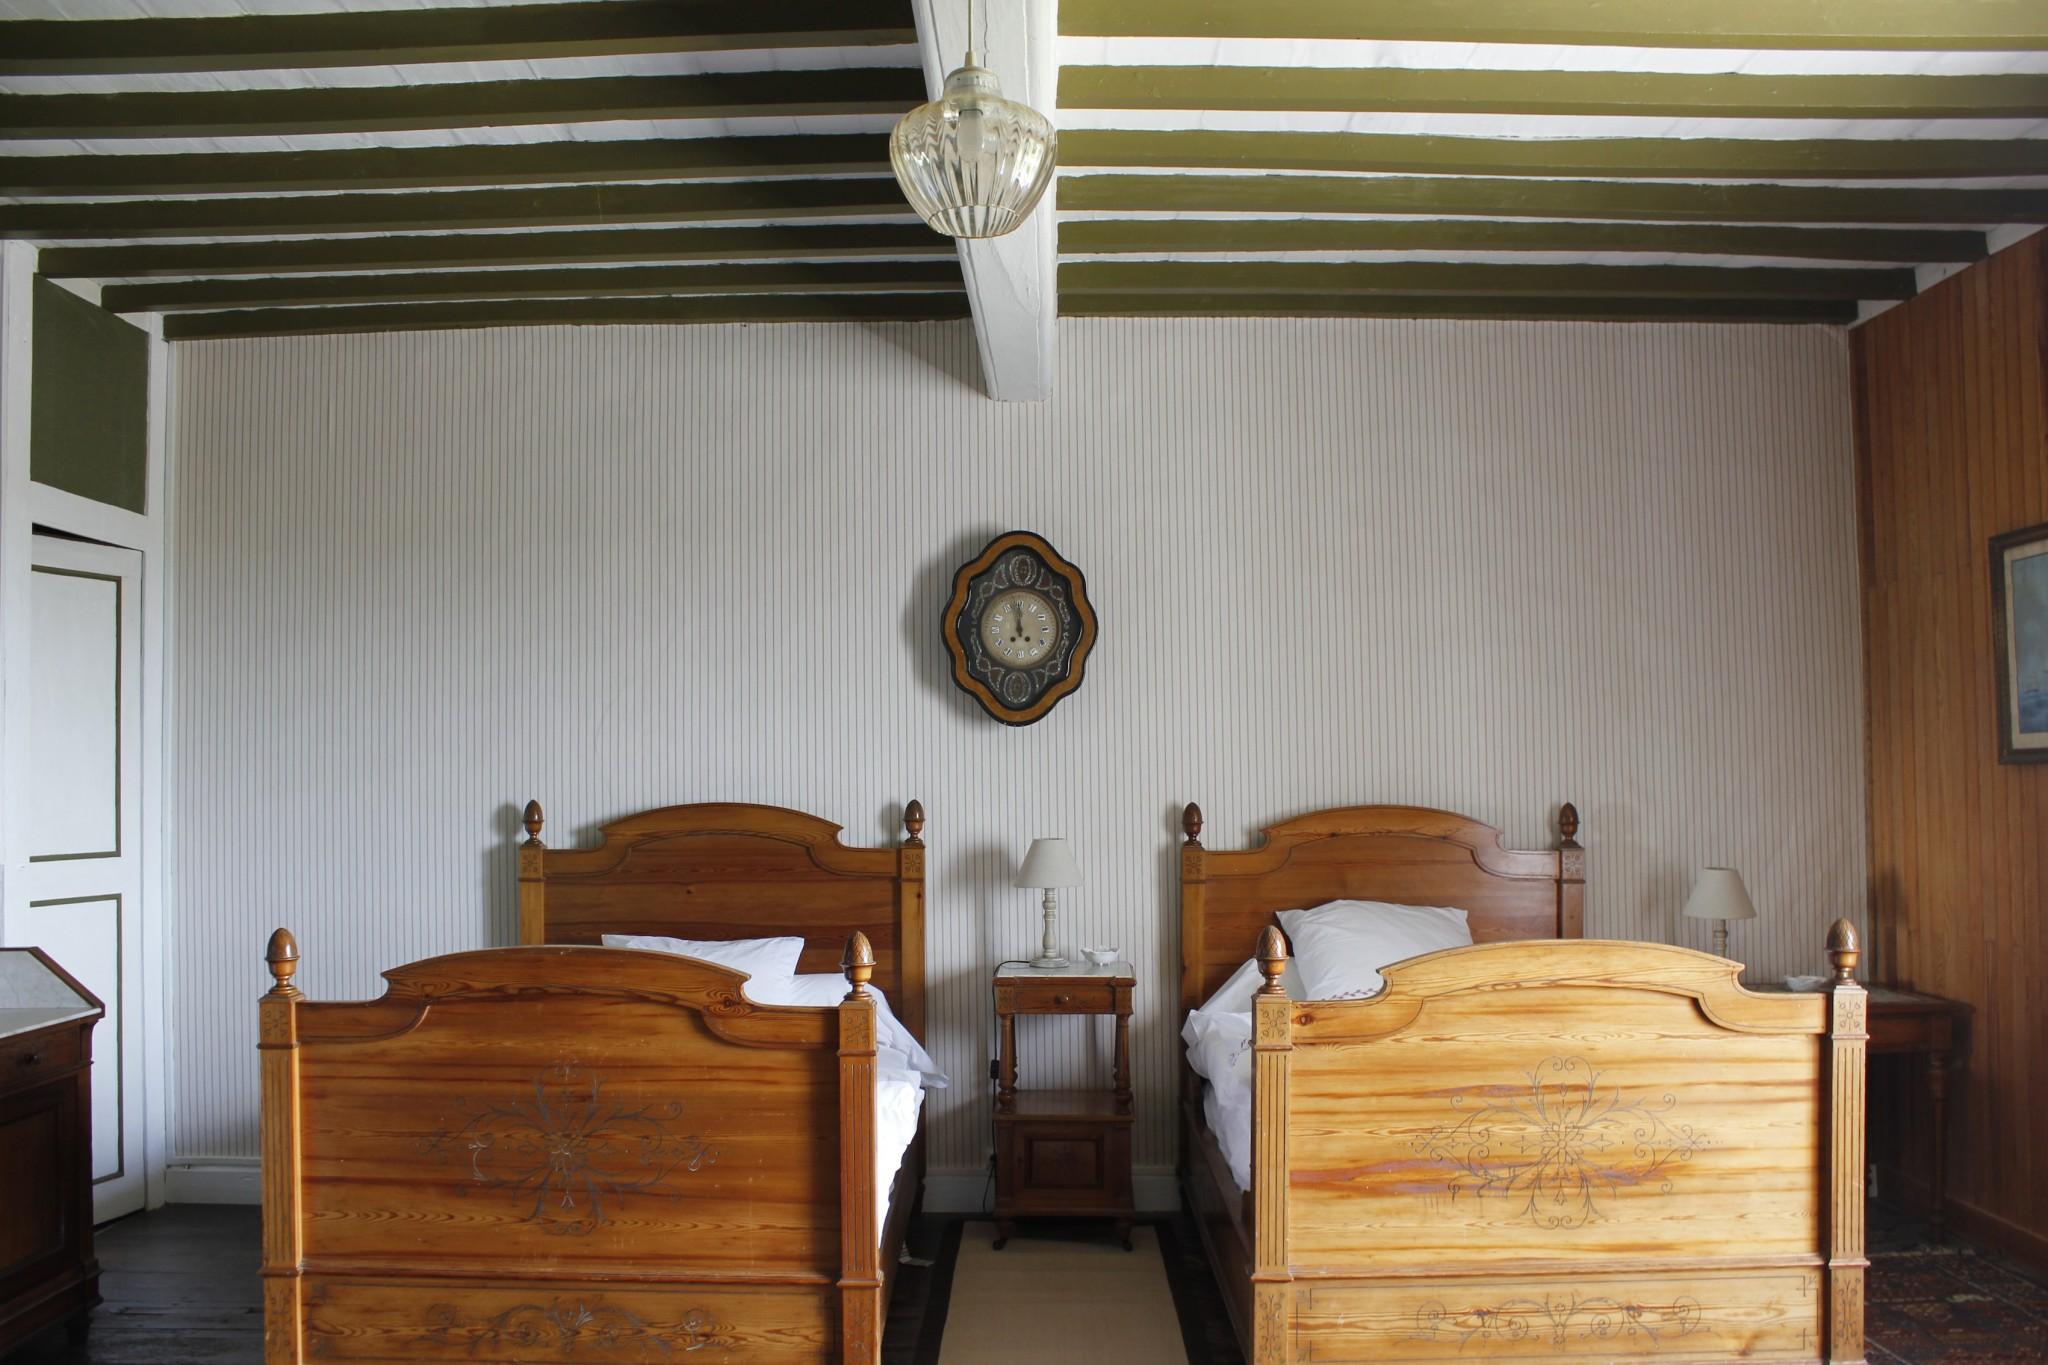 Chambres-d'hôtes-suédoise-lits-jumeaux